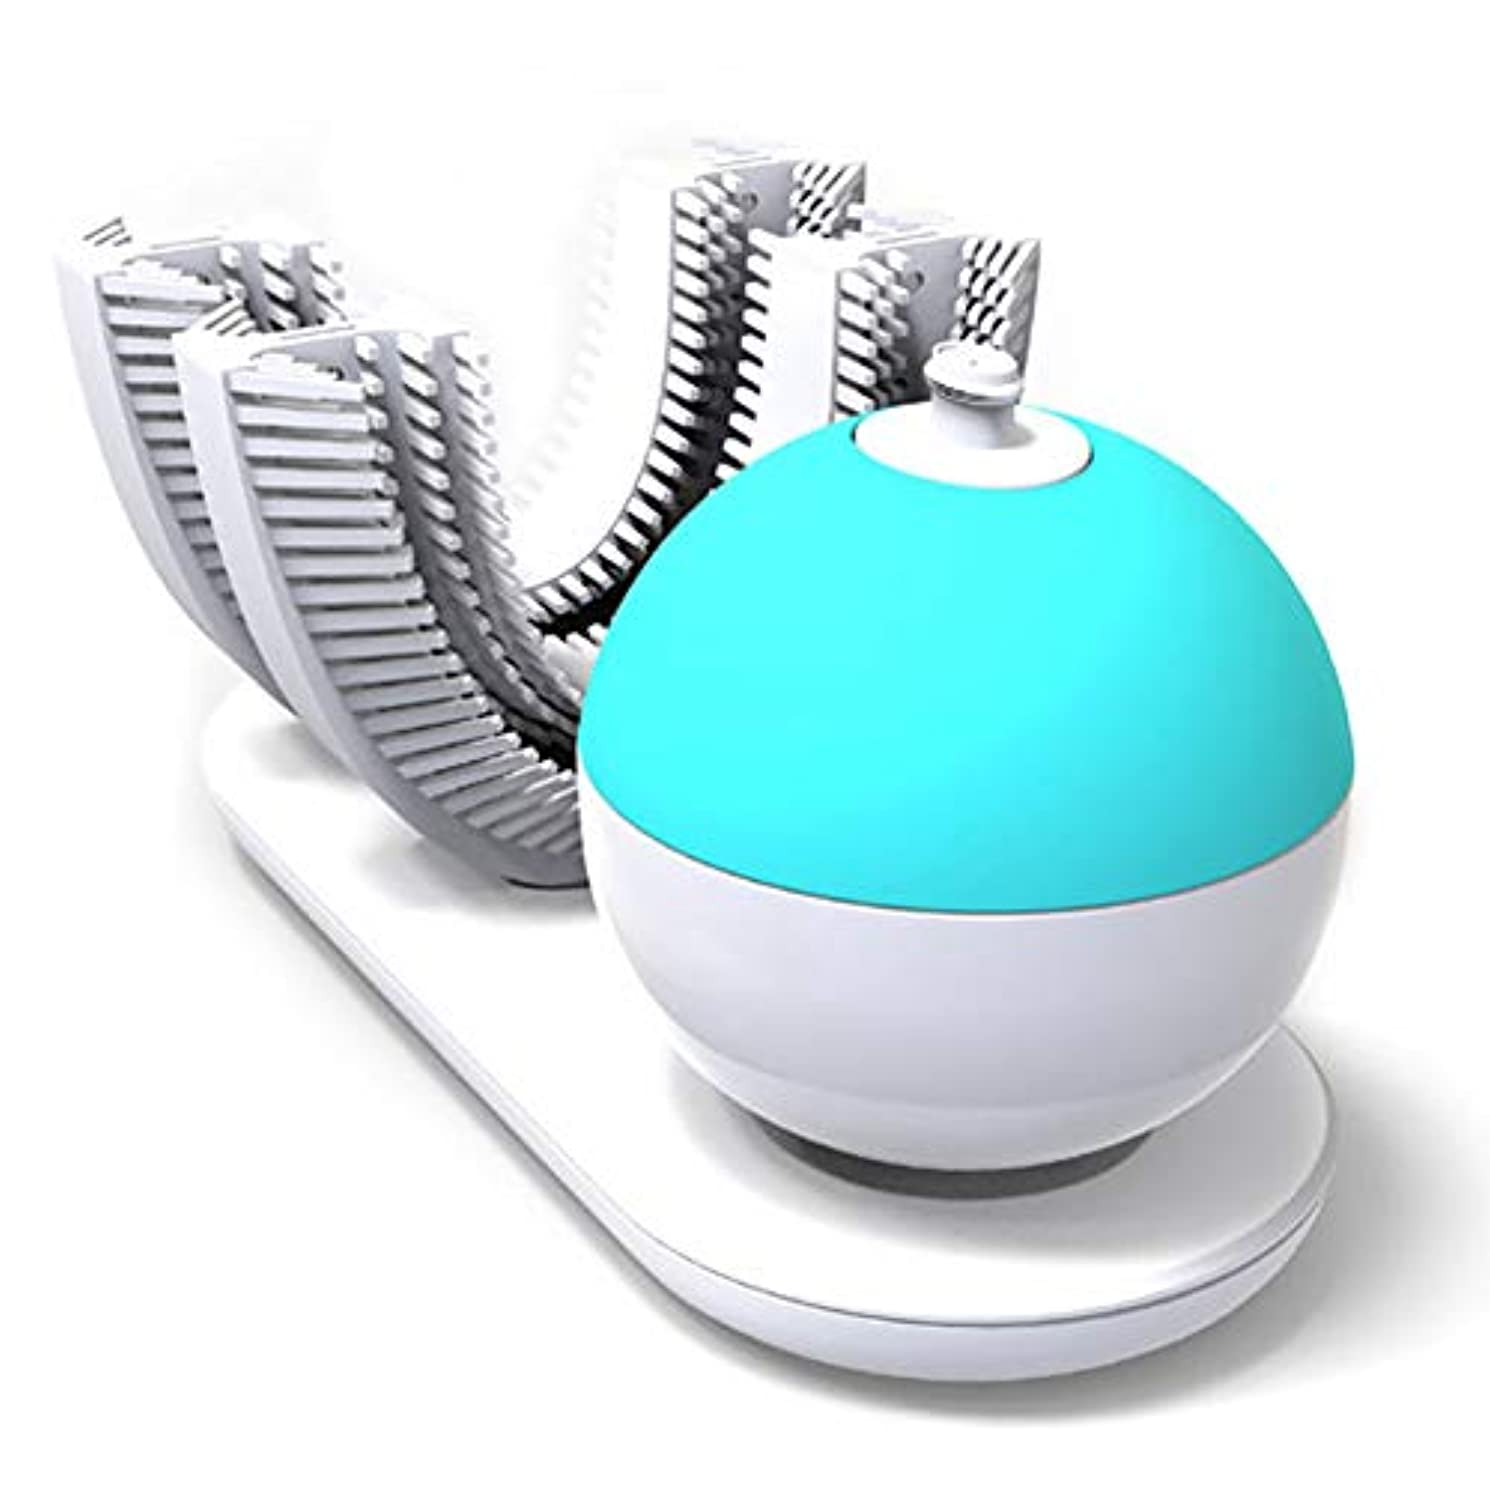 シチリア不誠実ペンフレンドフルオートマチック可変周波数電動歯ブラシ、自動360度U字型電動歯ブラシ、ワイヤレス充電IPX7防水自動歯ブラシ(大人用)